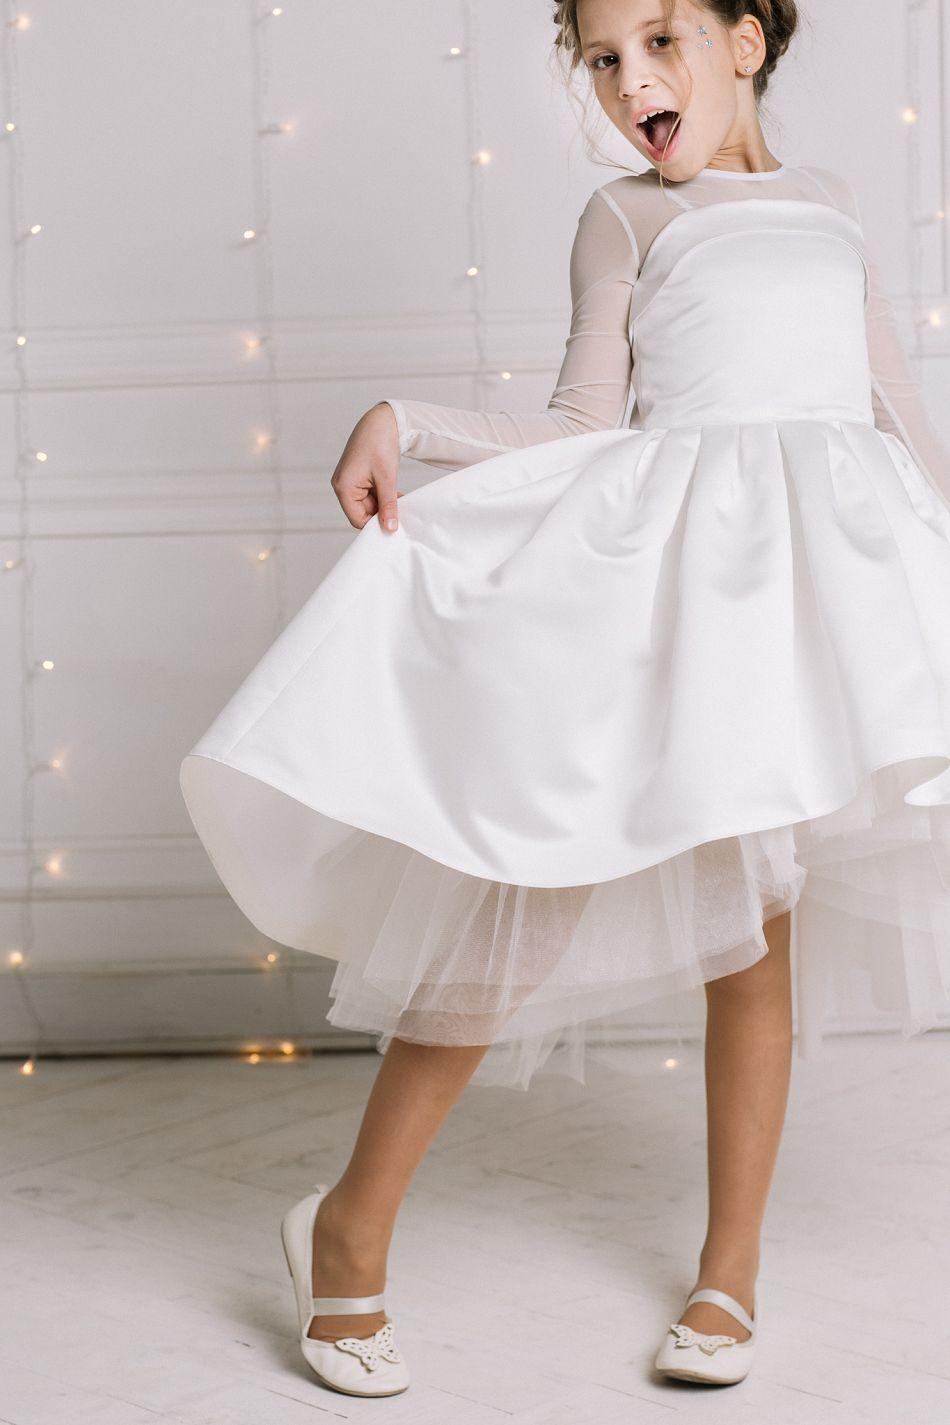 Святкова сукня на дівчинку біла молочна. Біле пишне платтячко на дівчинку c03514effd28a